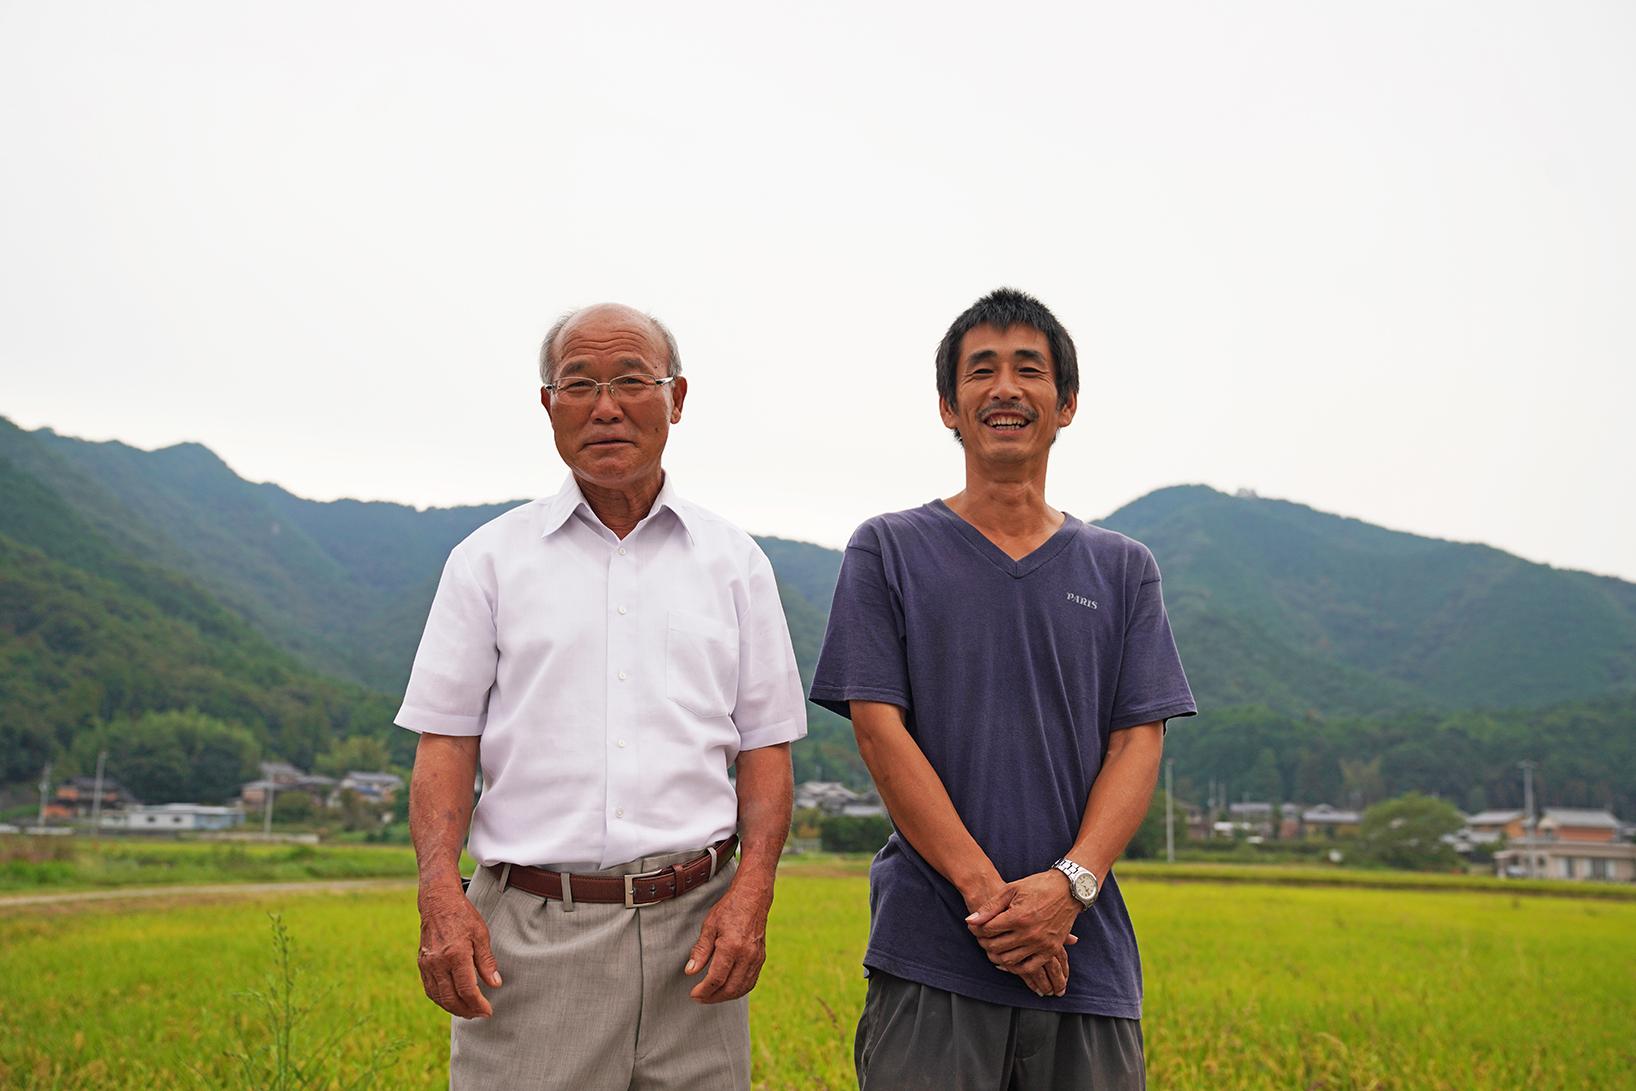 株式会社ささ営農の未来を担う中心的存在、専務取締役  竹北貢さん。